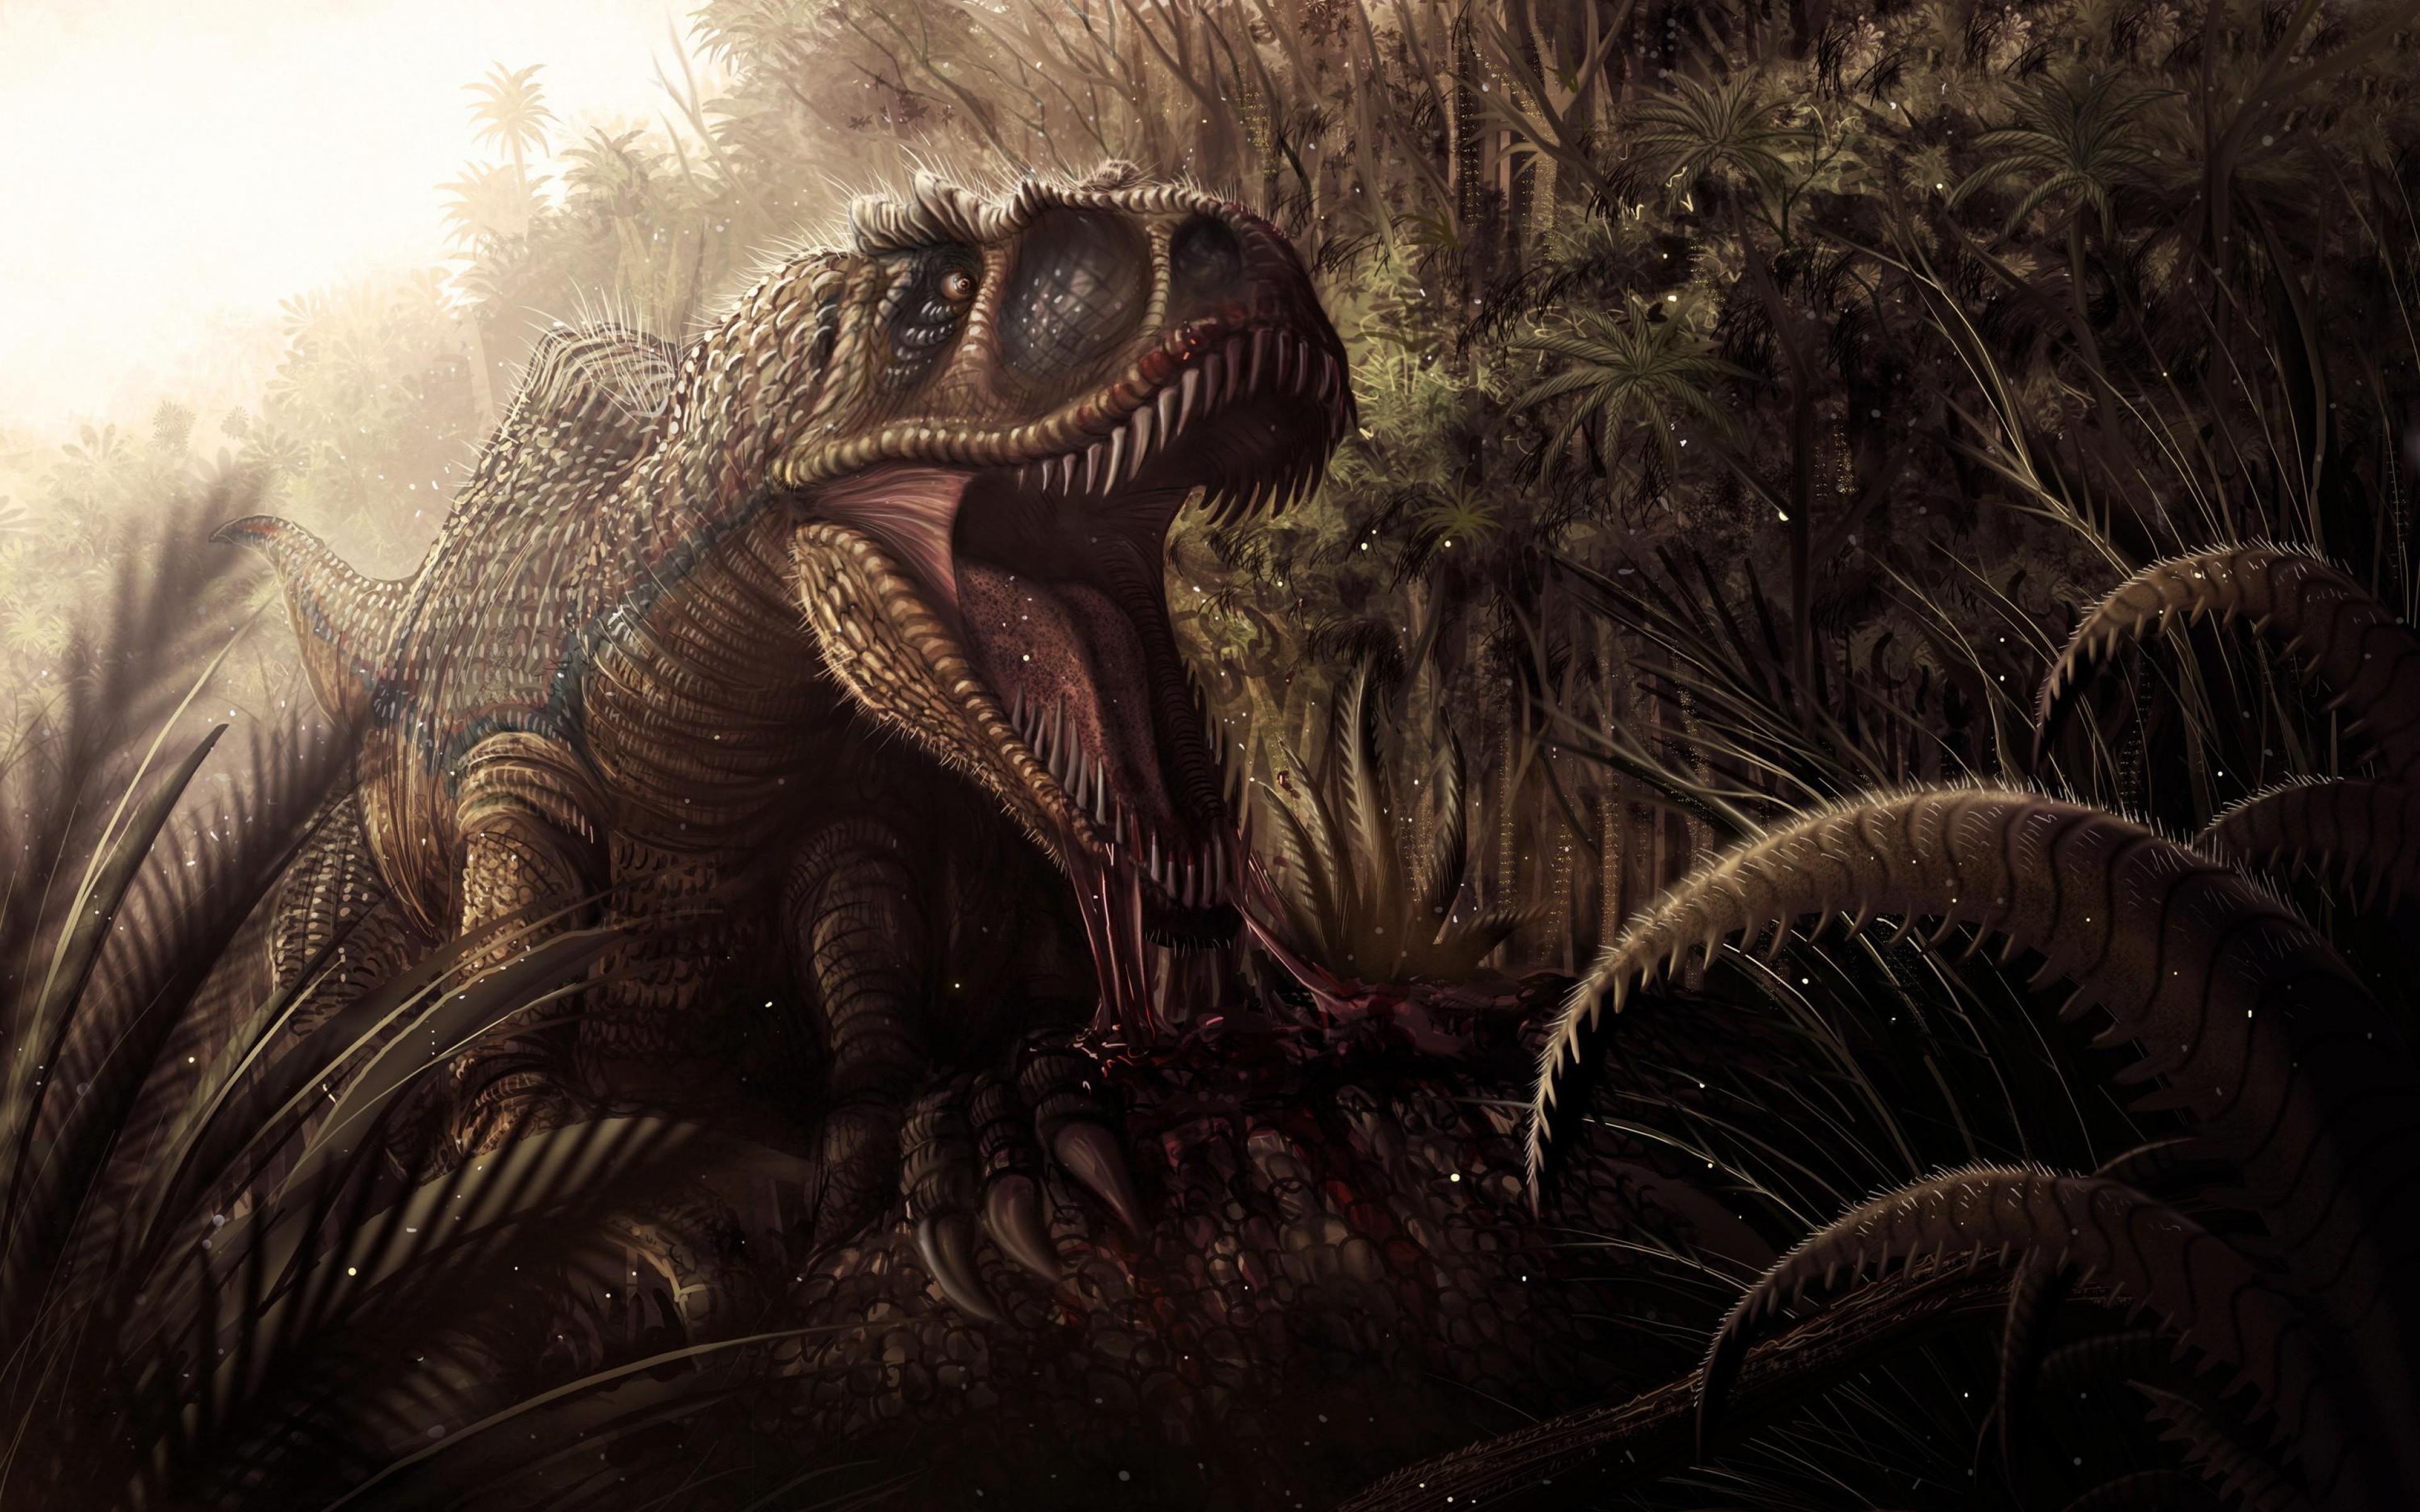 Animal Dinosaur Creature Tyrannosaurus Rex Wallpaper